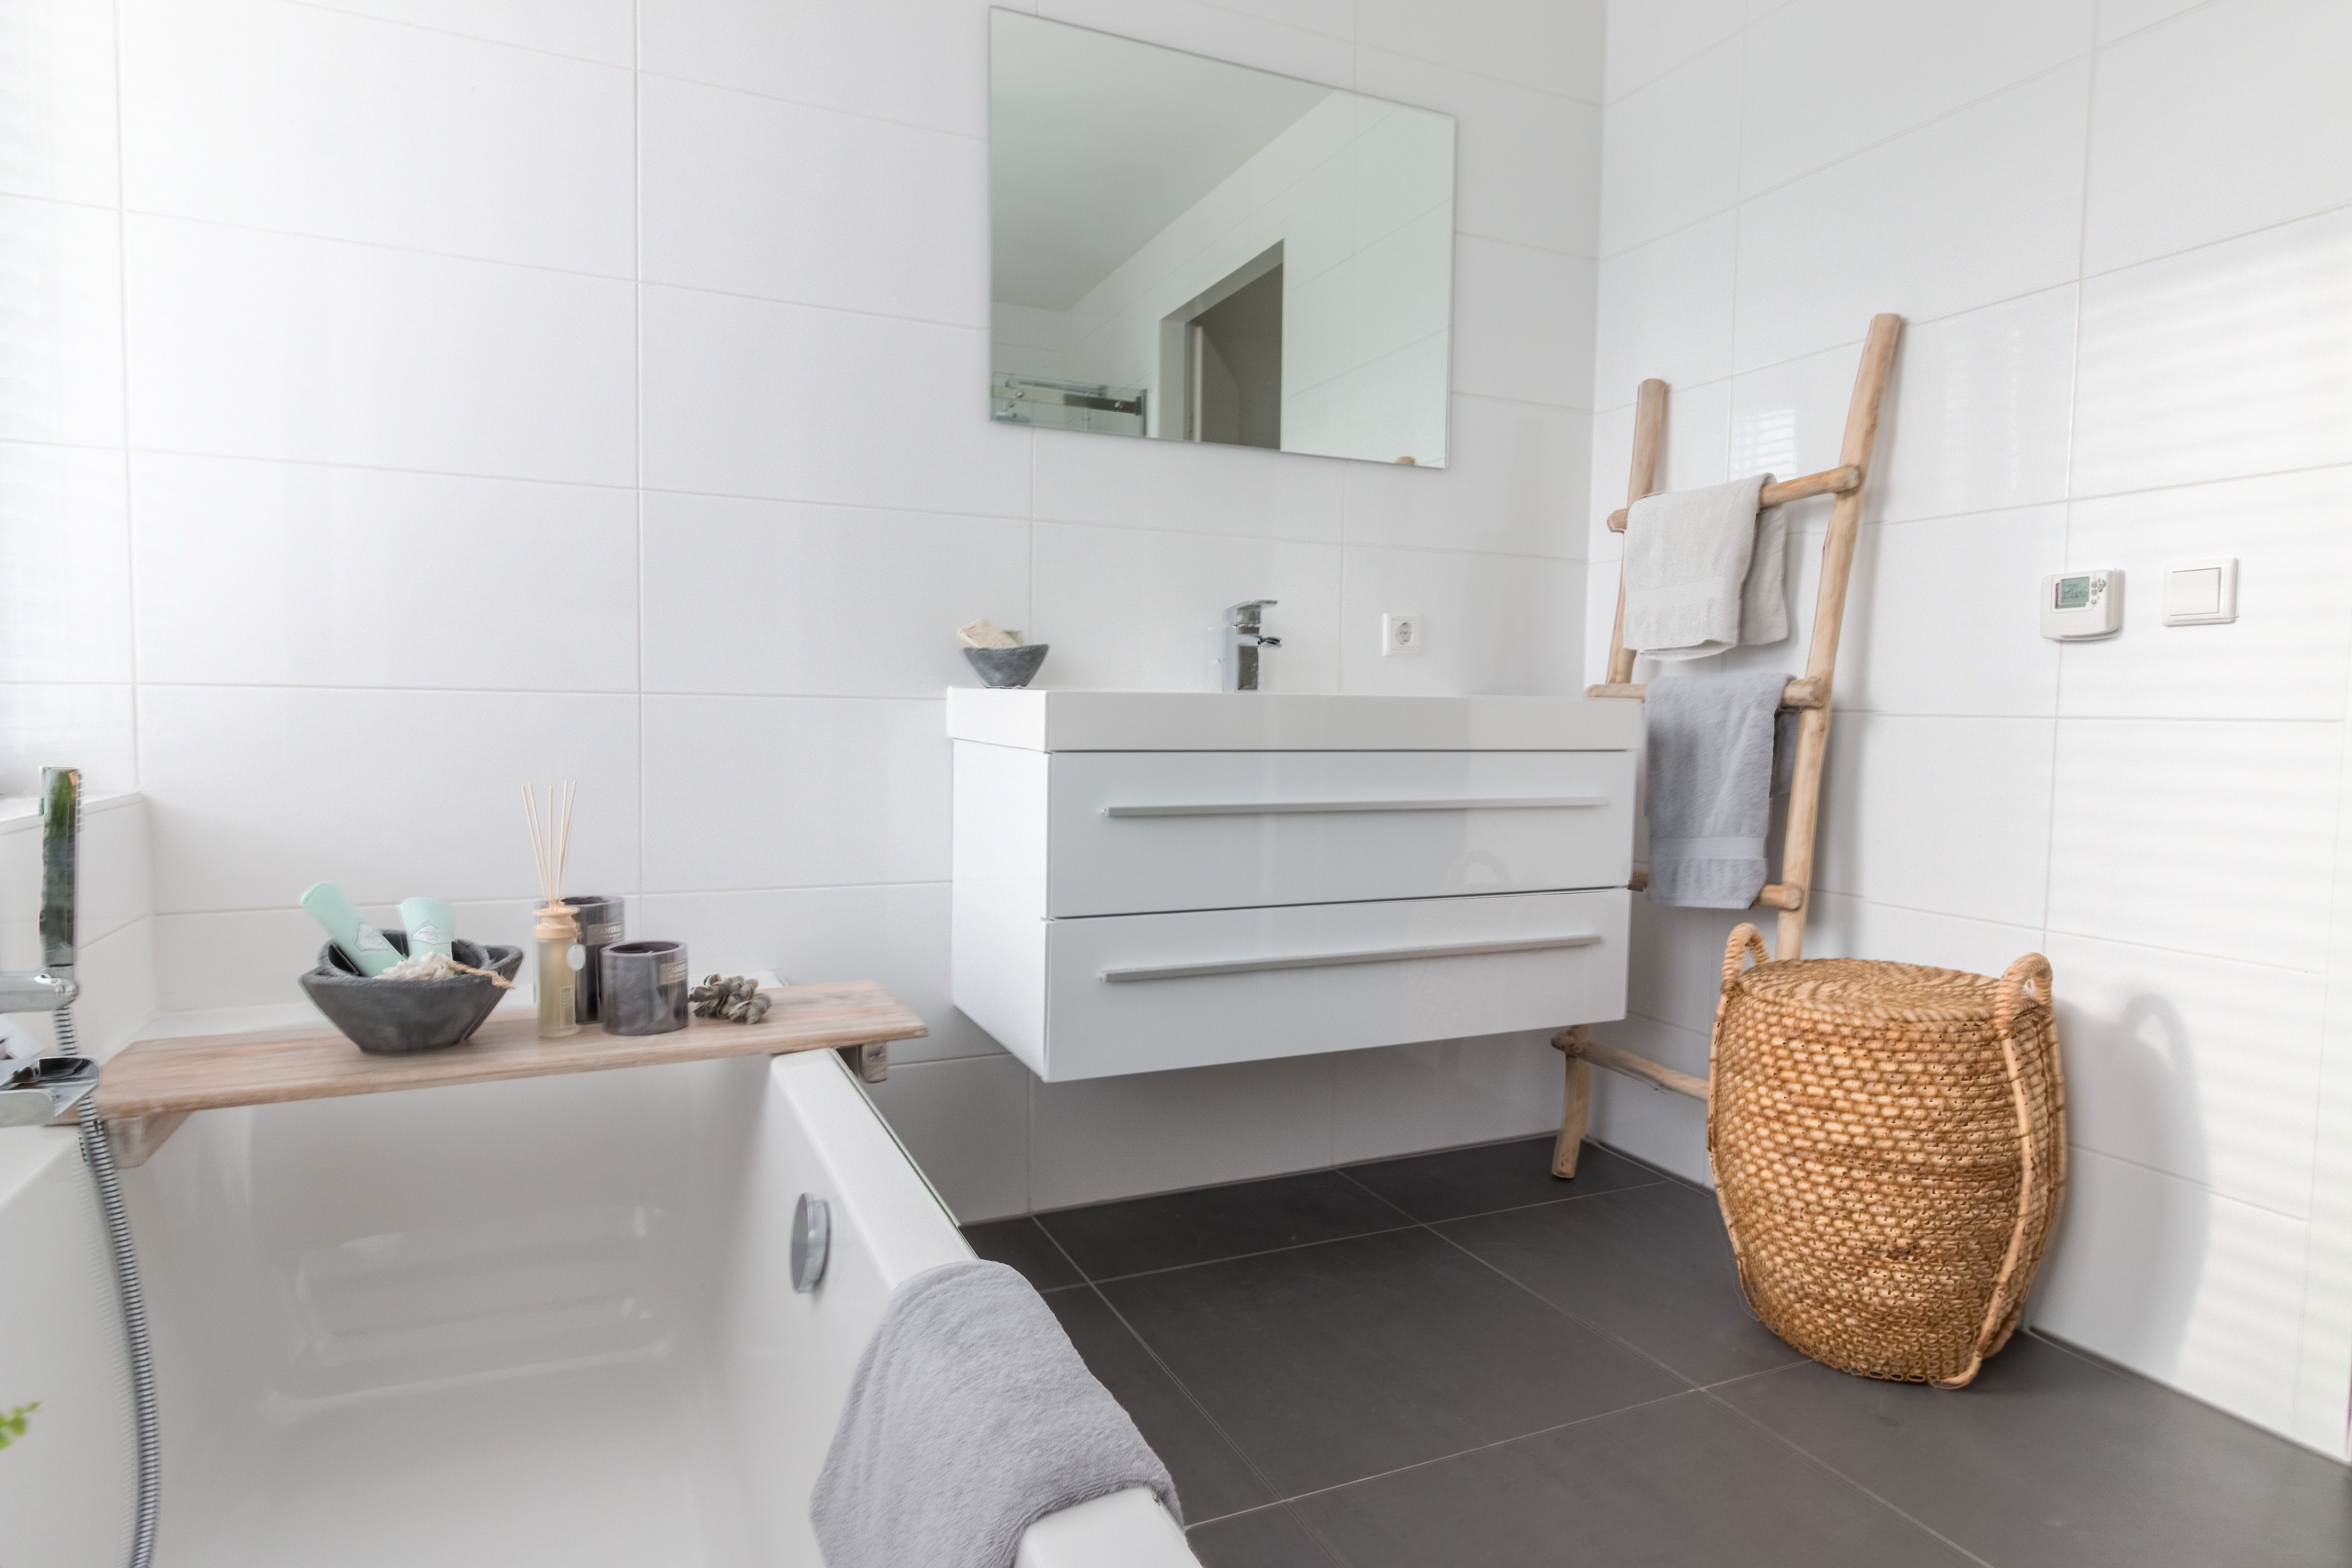 Badkamers Natuurlijke Materialen : Badkamer met natuurlijke materialen met houten badplank